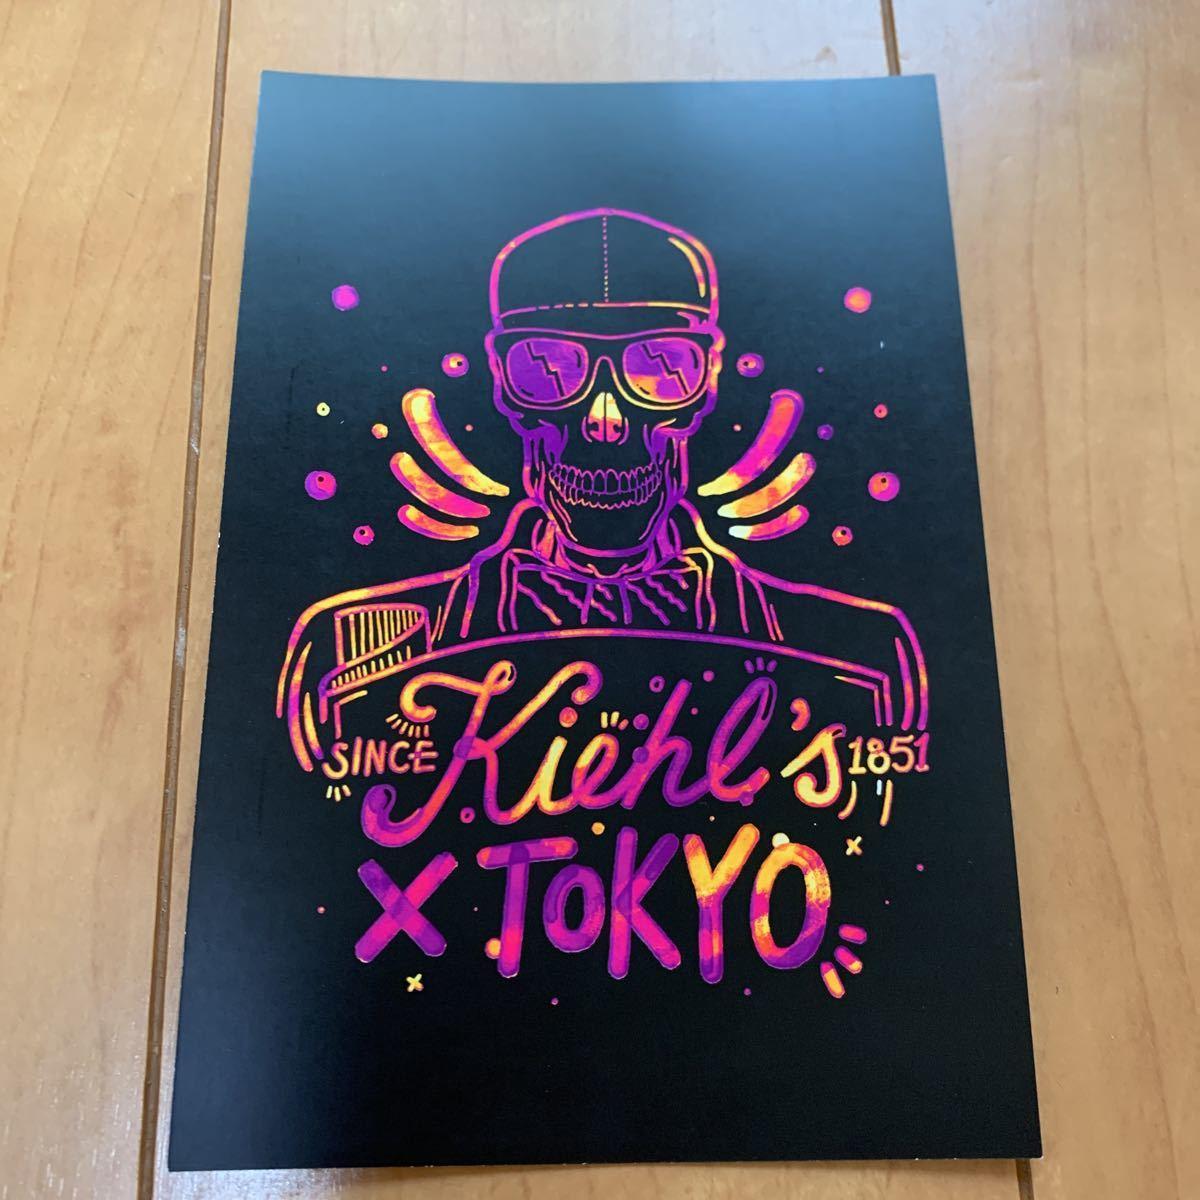 kiehl's キールズ エコバッグ 非売品 ノベルティ トートバッグ エコバック ショッピングバッグ 黒 ブラック オリジナル カード 限定